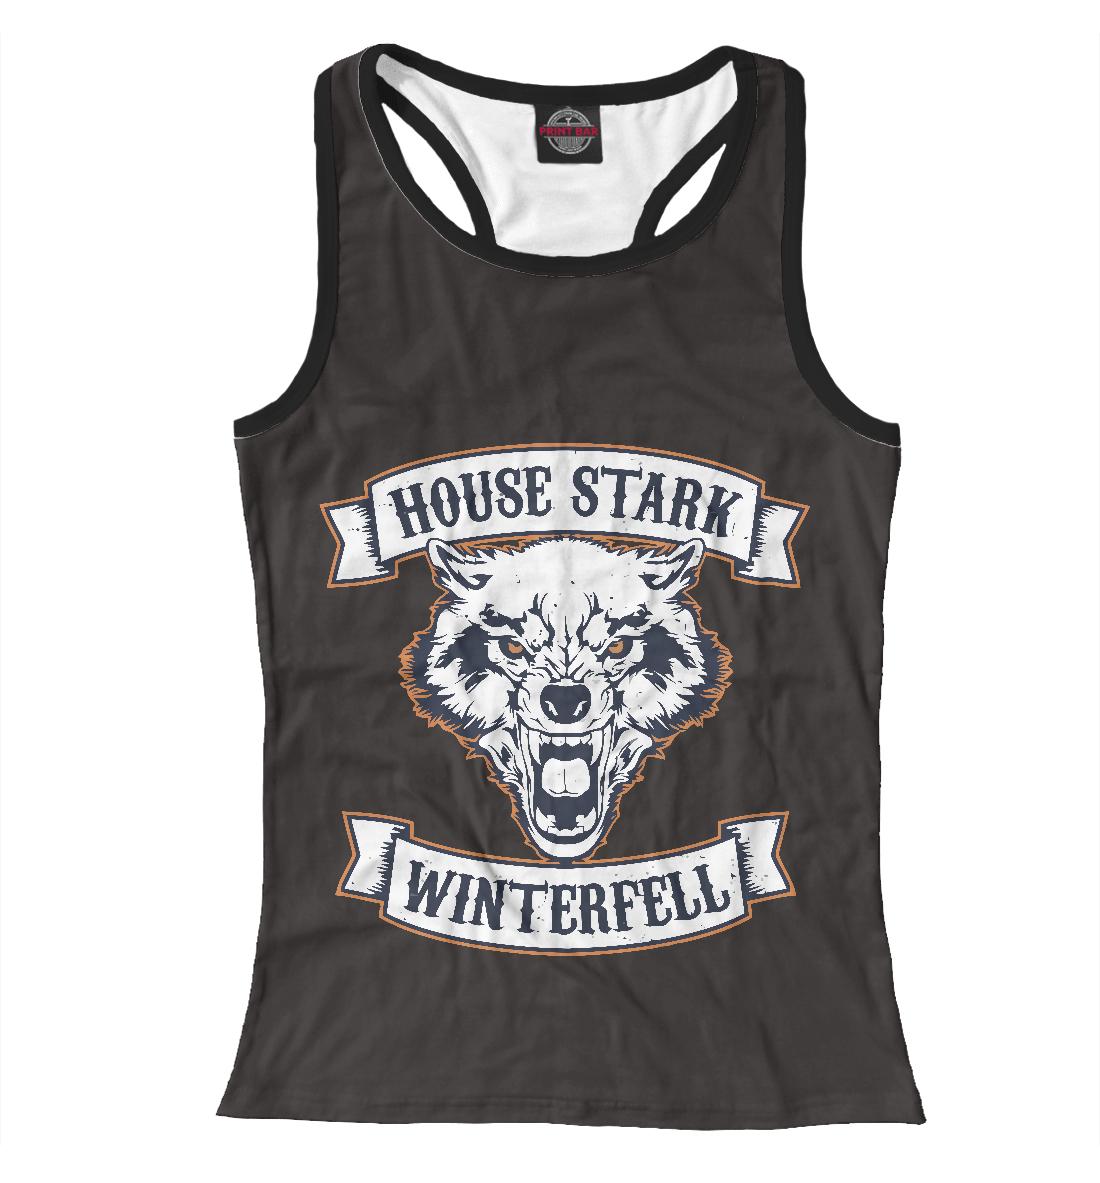 Купить House Stark Winterfell, Printbar, Майки борцовки, IGR-929756-mayb-1